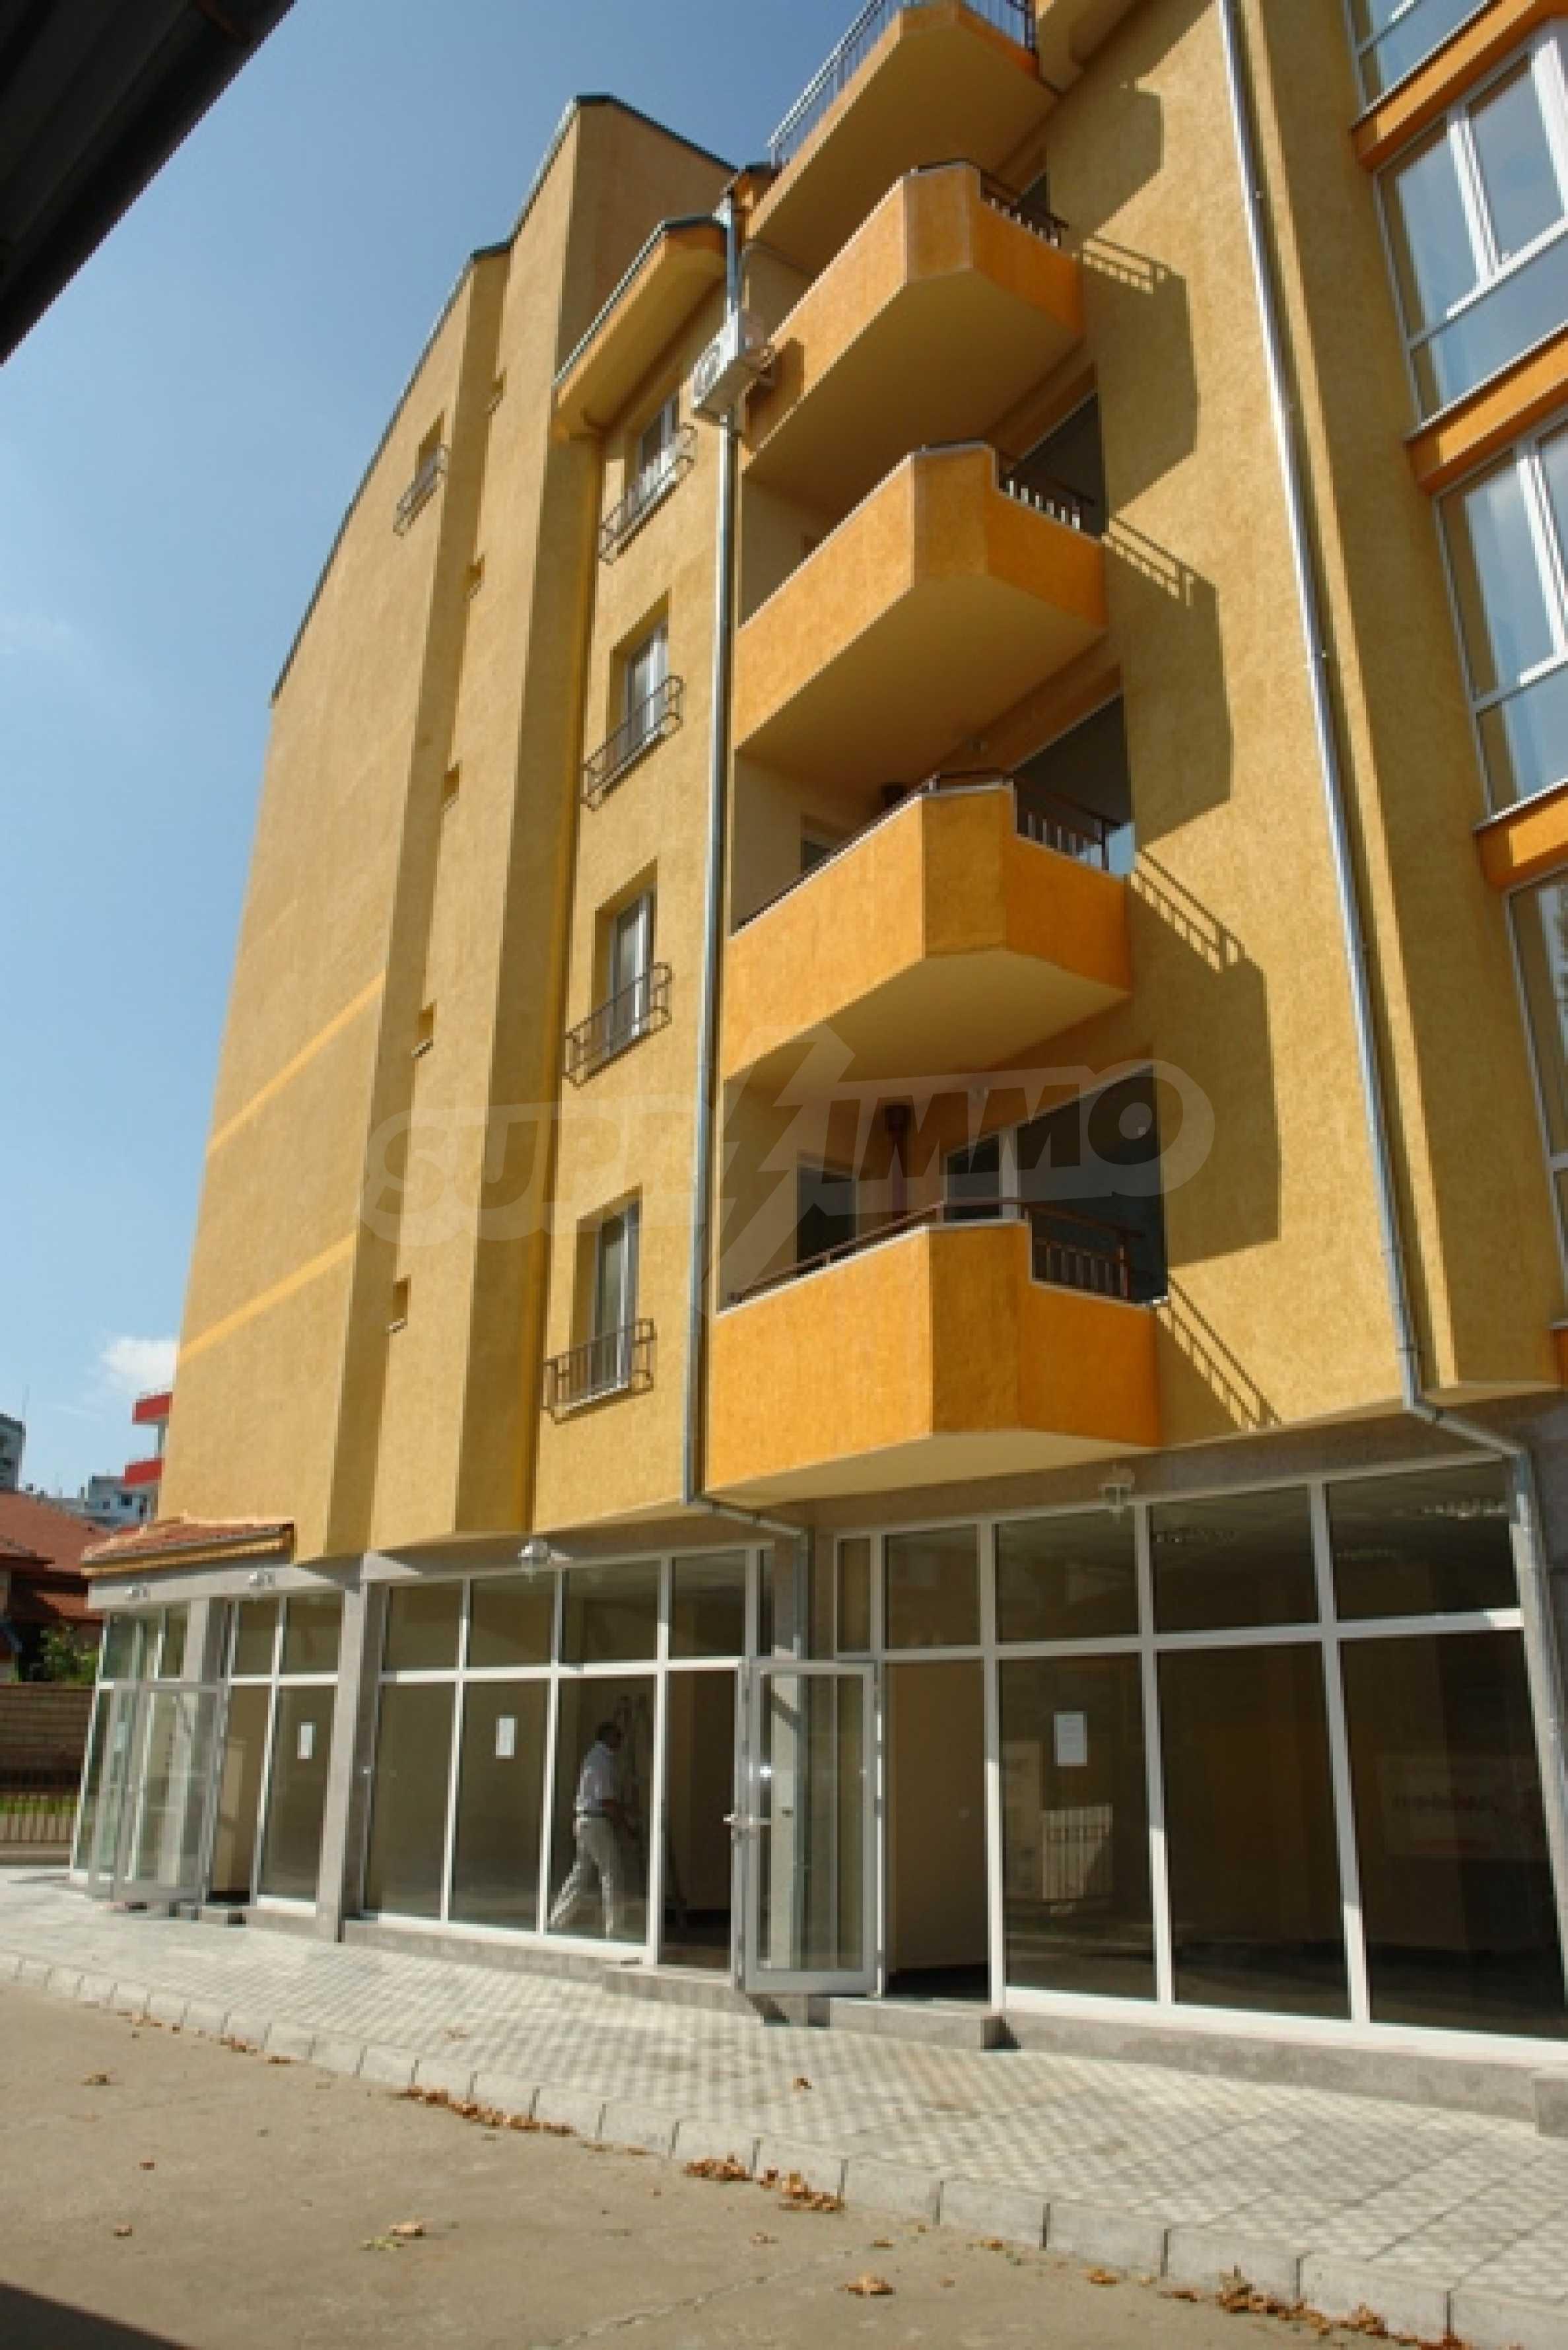 Тристаен апартамент в Русе с невероятна панорама към града 2